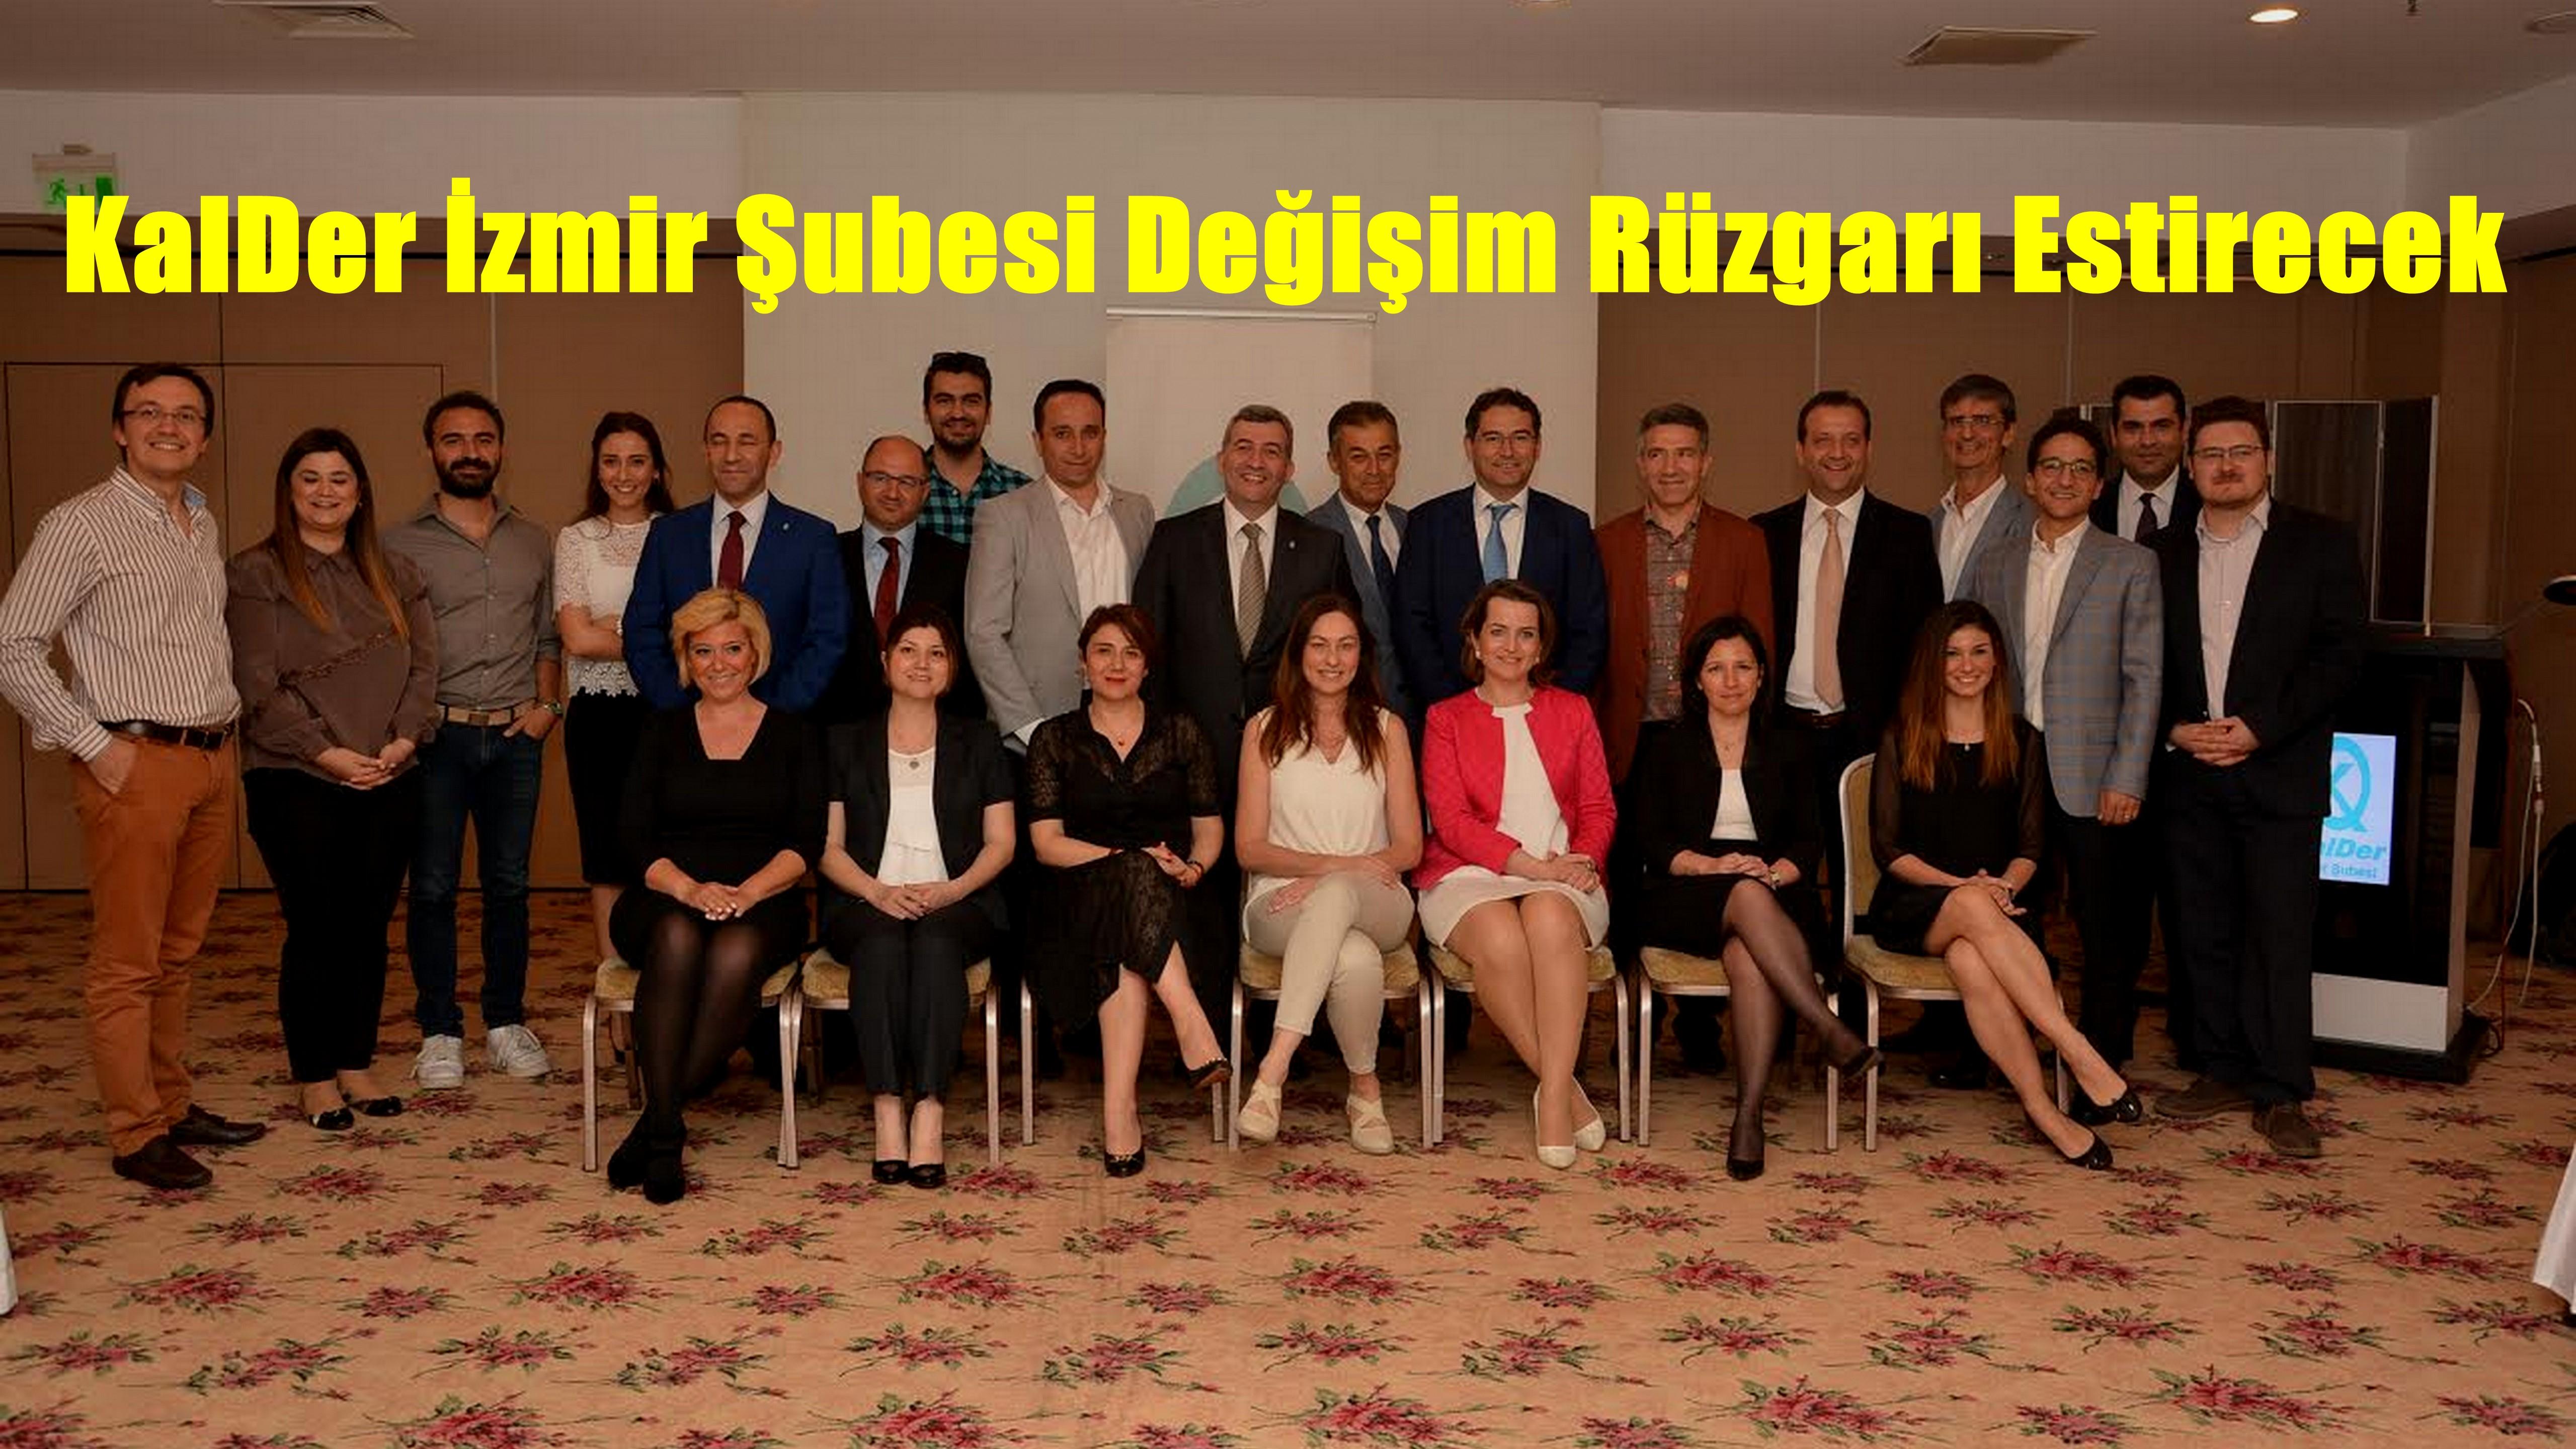 KalDer İzmir Şubesi Değişim Rüzgarı Estirecek